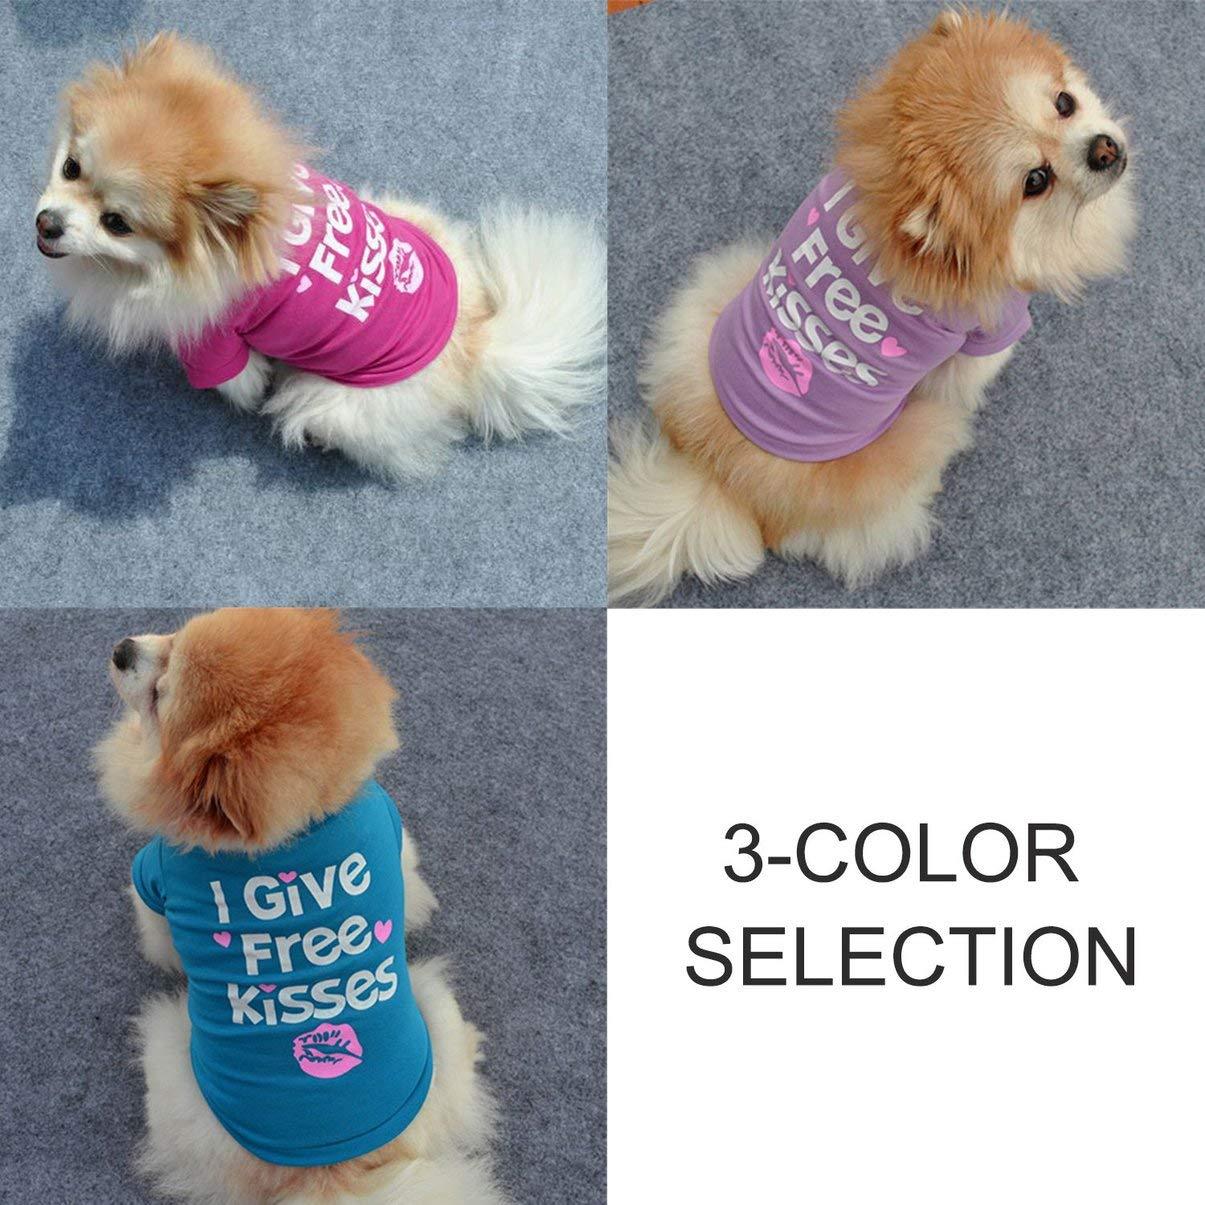 JullyeleESgant Perro de Moda Camisa para Mascotas Impresi/ón de Letras de Manga Corta Suave y c/ómodo de algod/ón Camisetas Ropa Transpirable para la Primavera oto/ño